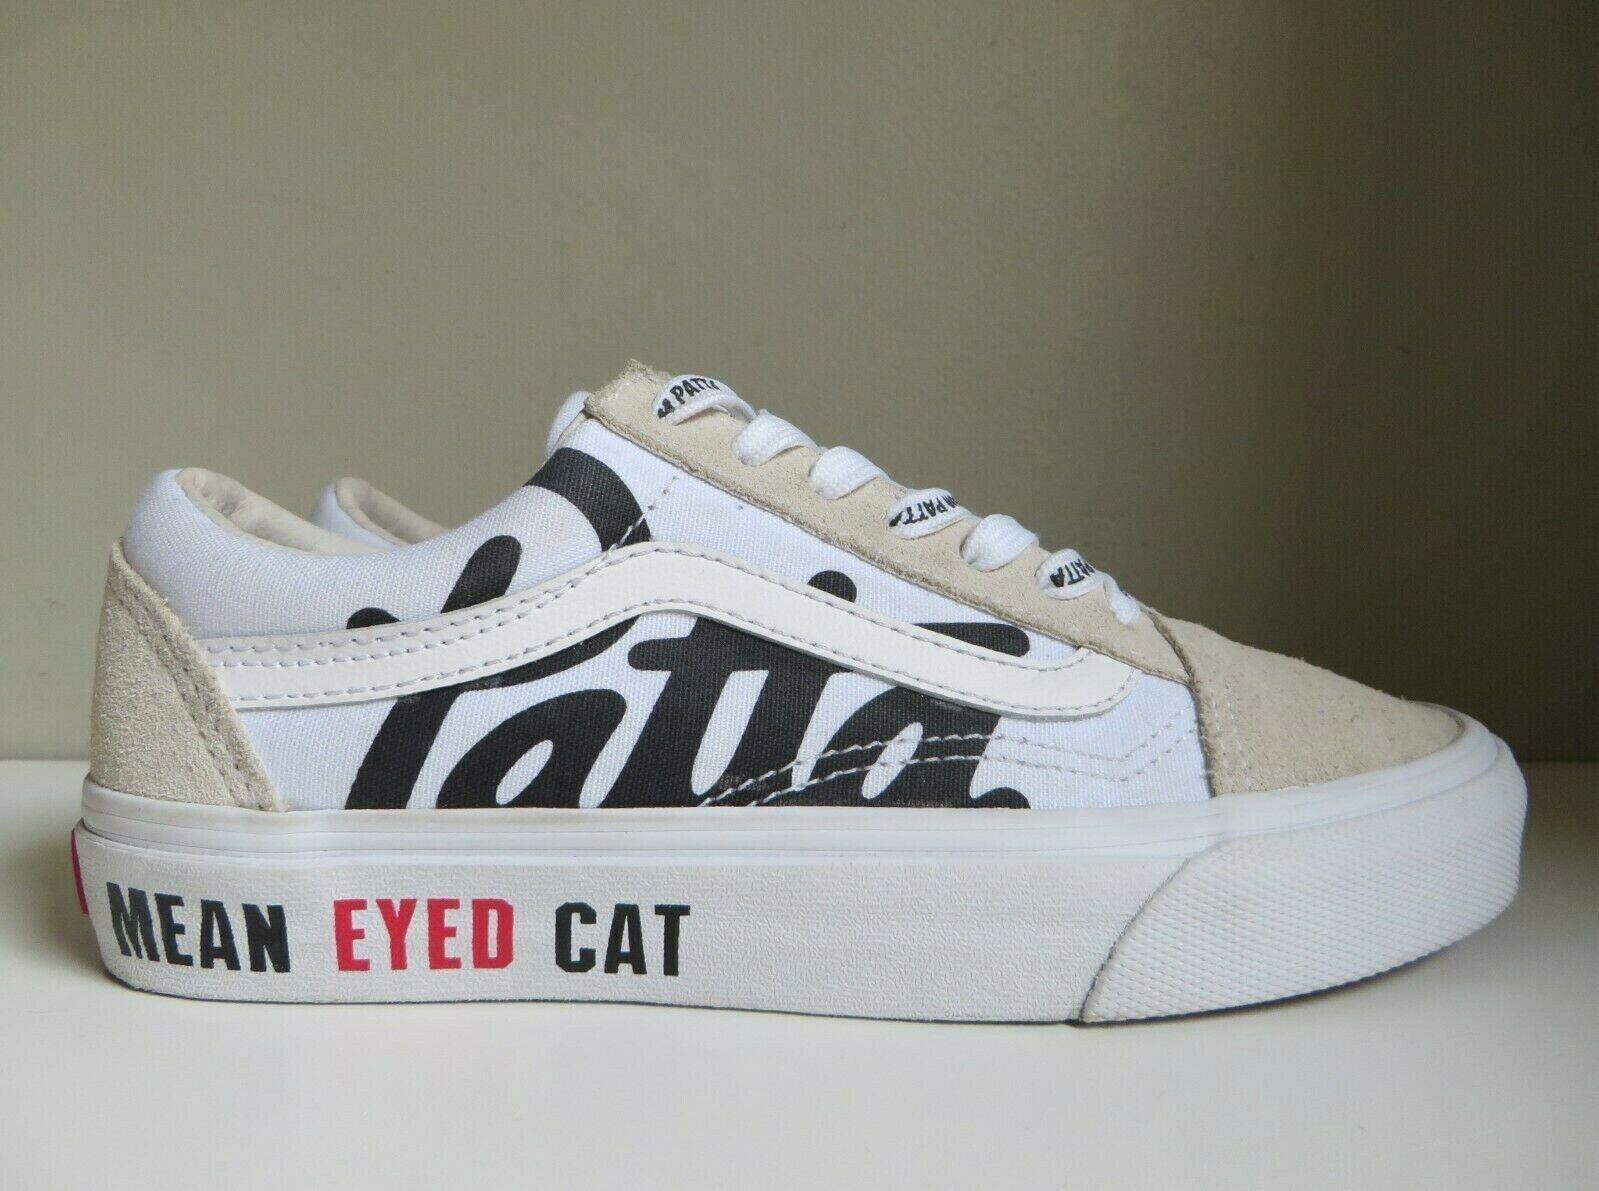 Patta X VANS Old Skool Mean Eyed Cat